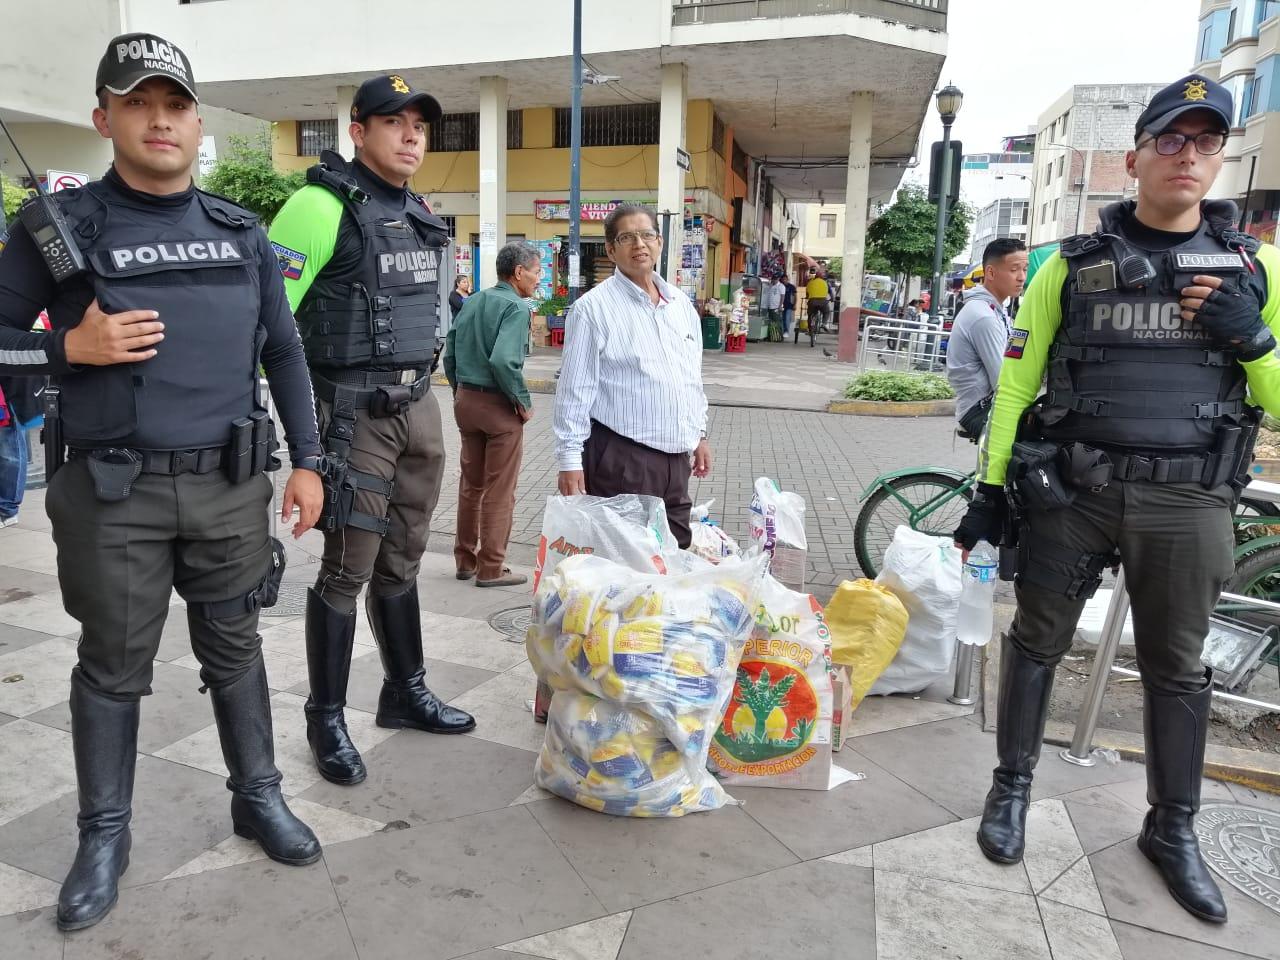 Comisaría de Machala decomisó productos caducados y otros de dudosa procedencia